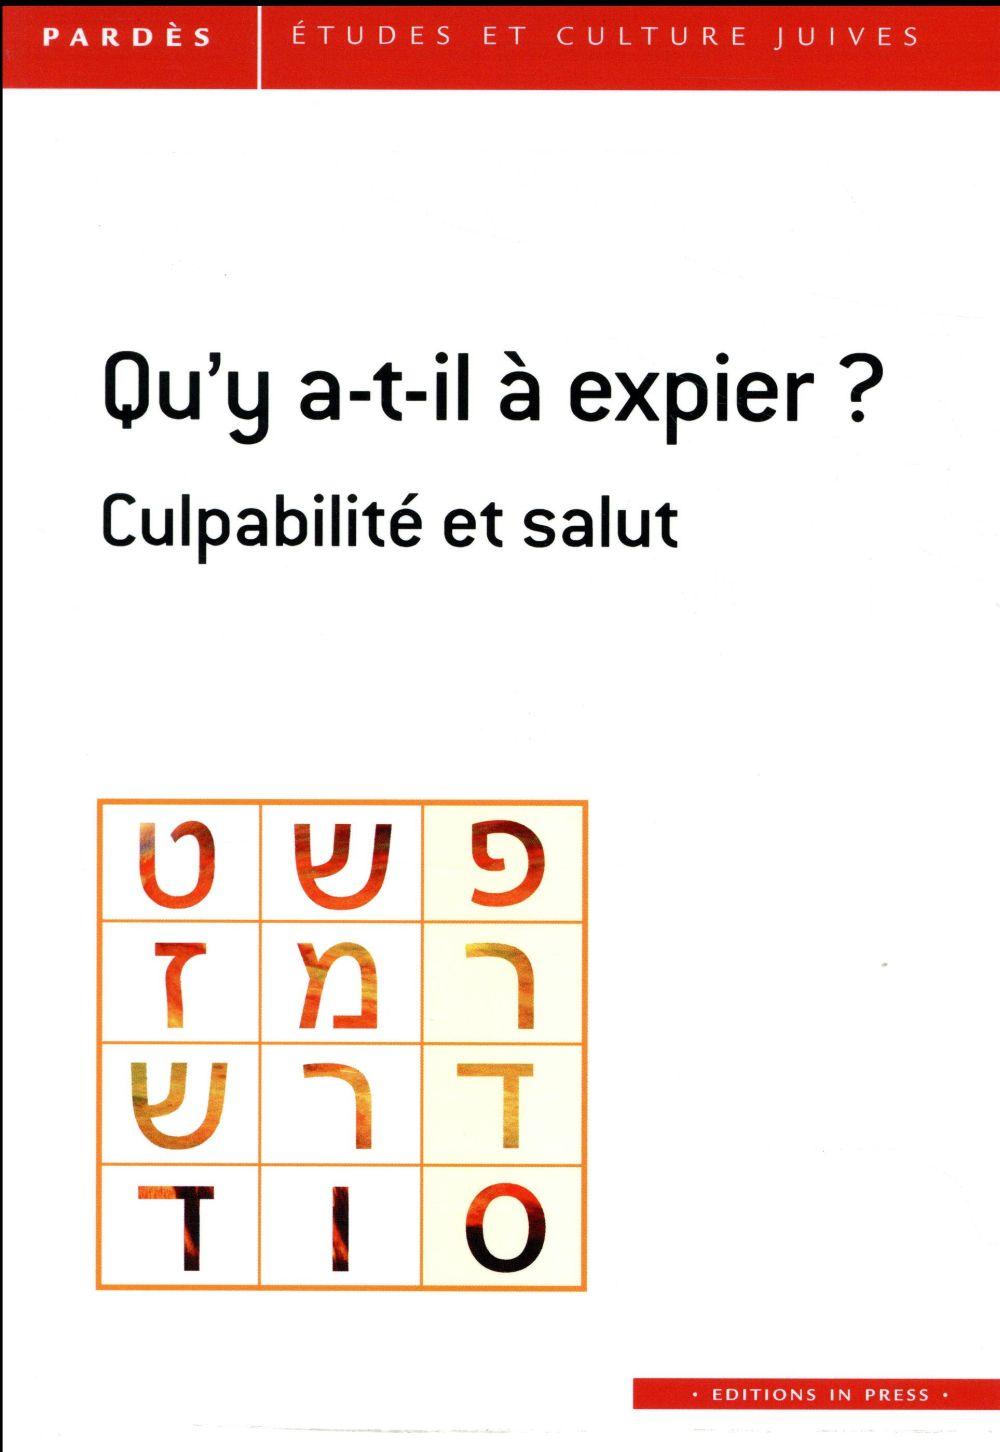 QU'Y A-T-IL A EXPIER ? CULPABILITE ET SALUT